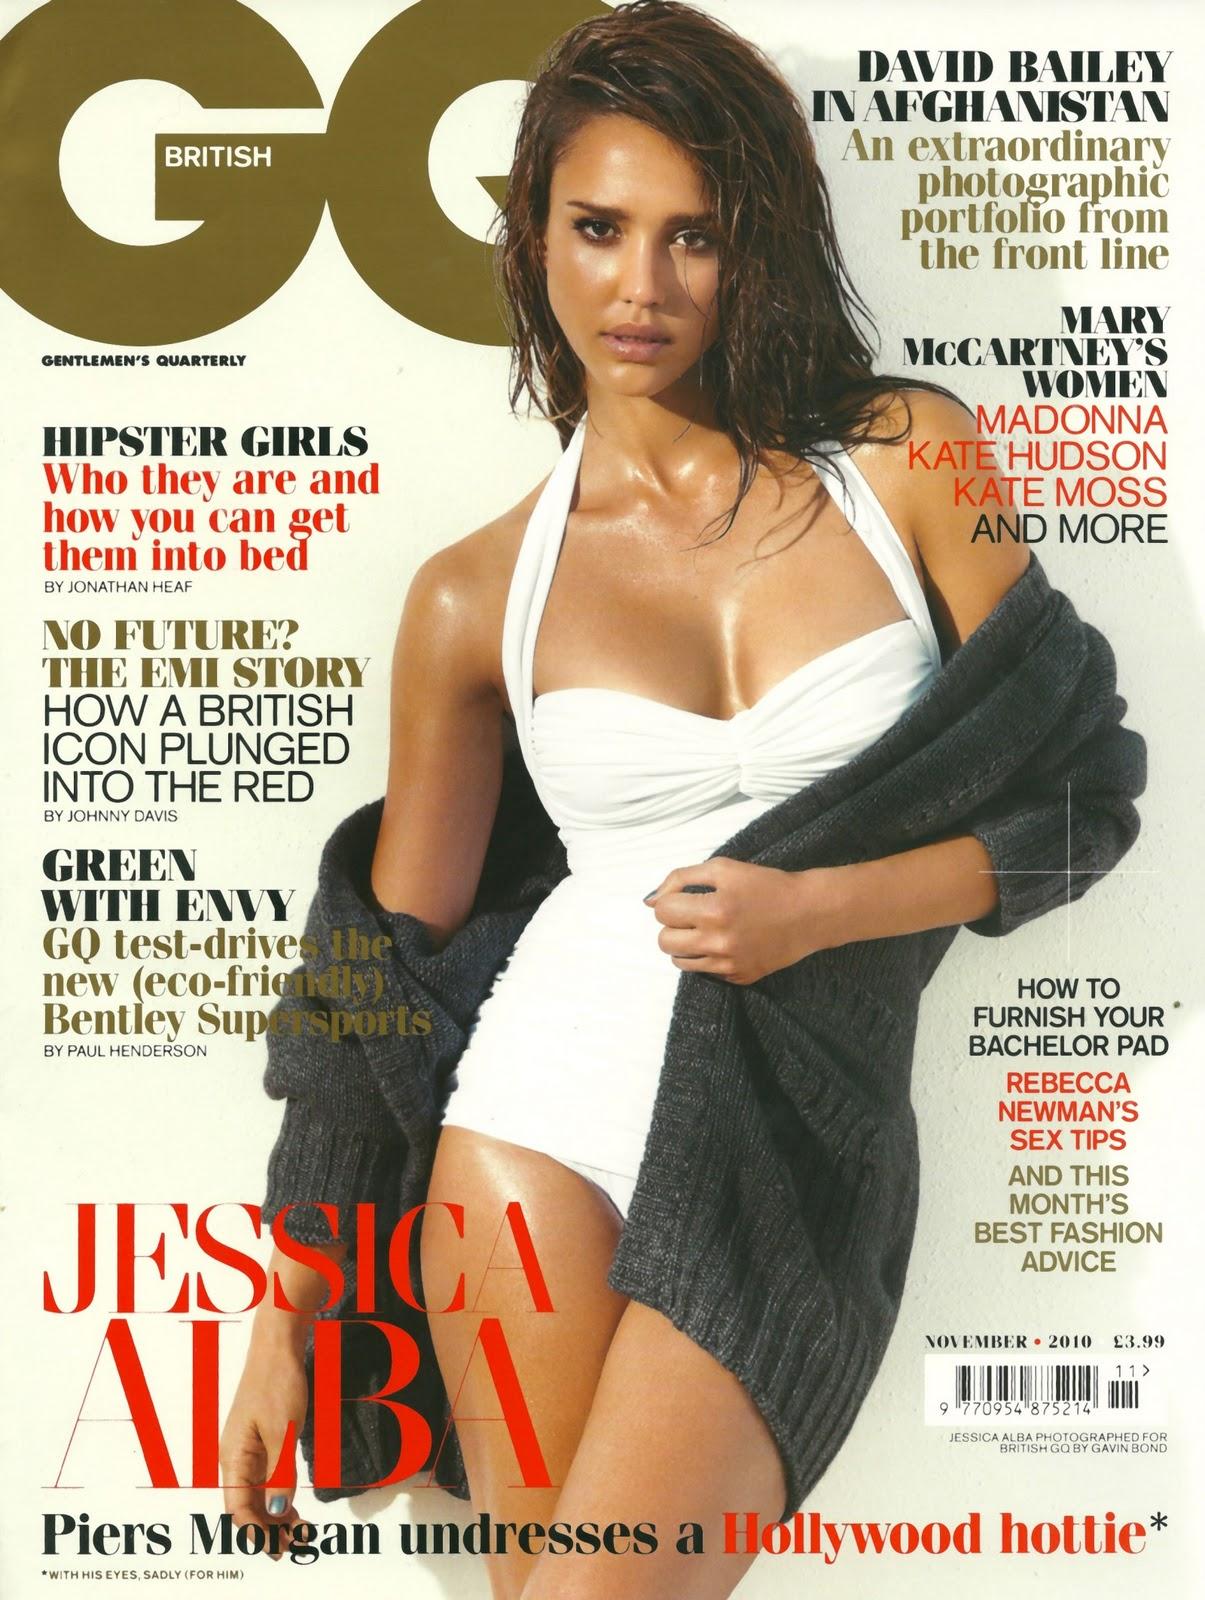 http://1.bp.blogspot.com/_DqQNorl_2Kc/TMqOzAoONWI/AAAAAAAABJE/mtoVxIhWq2E/s1600/Jessica-Alba-GQ-2.jpg